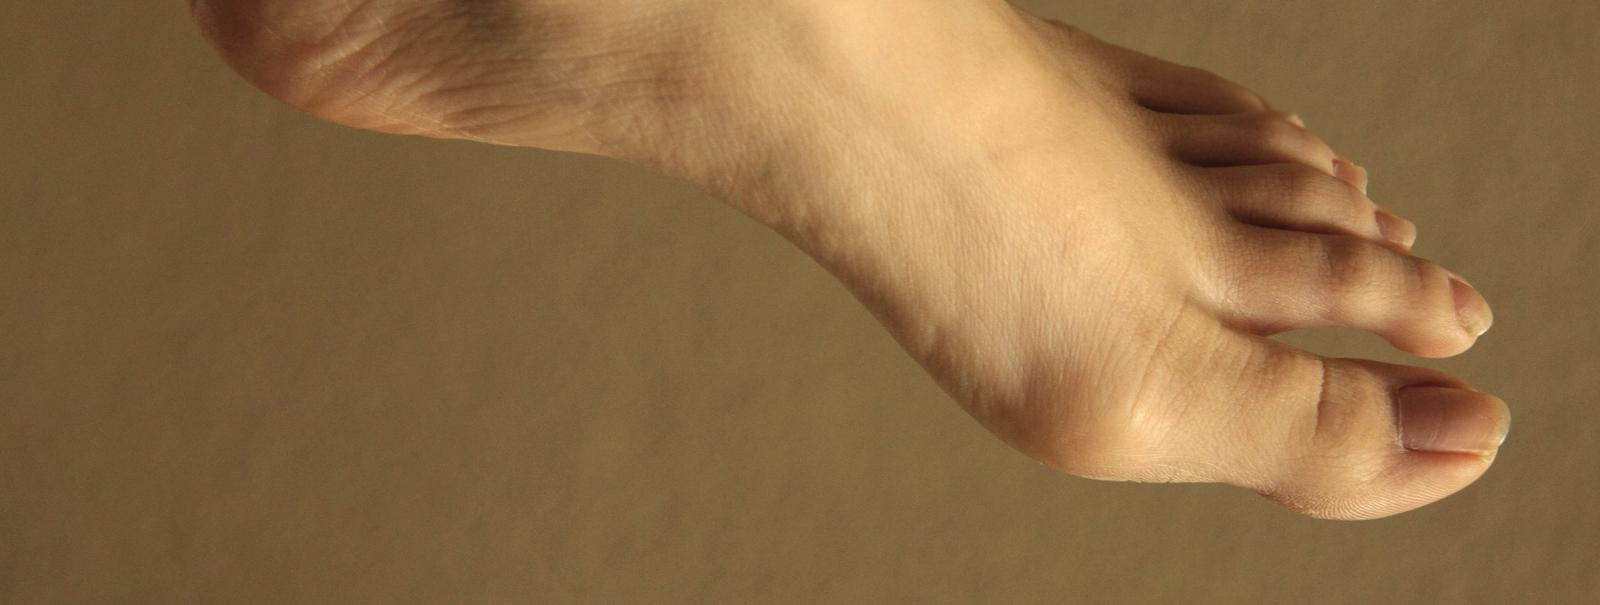 Ушибла палец на ноге что делать фото